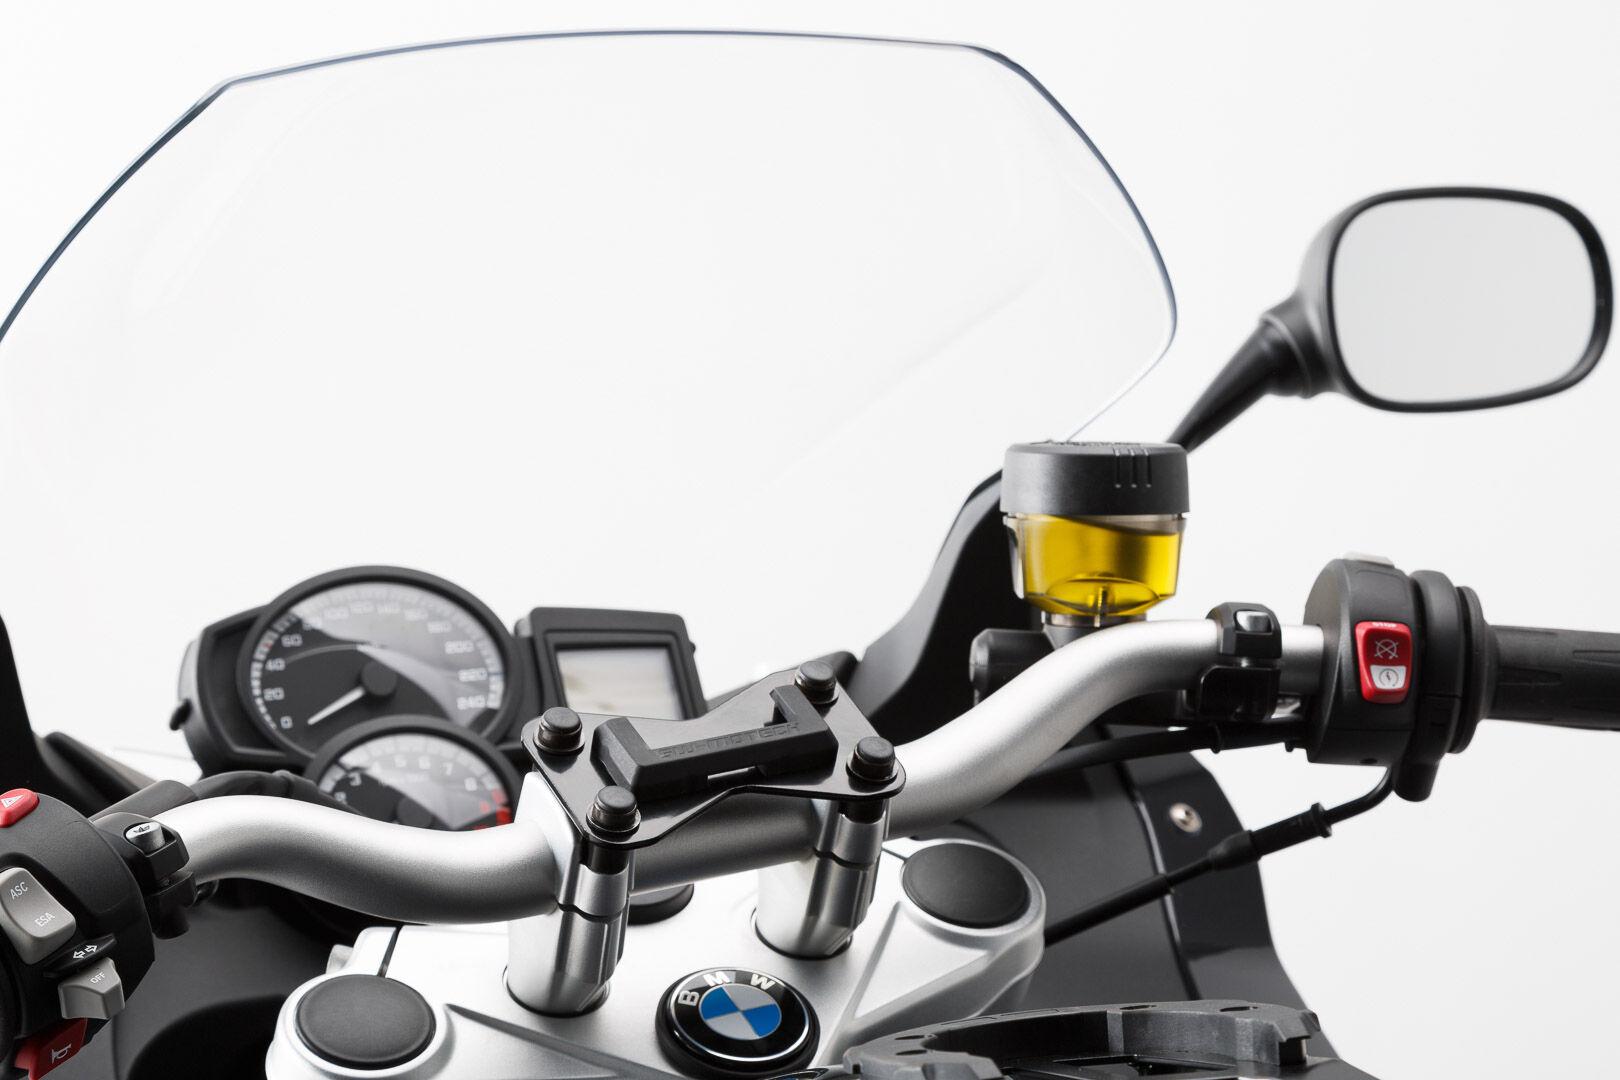 SW-Motech GPS mount for handlebar - Black. Shock absorbent. GPS mou...